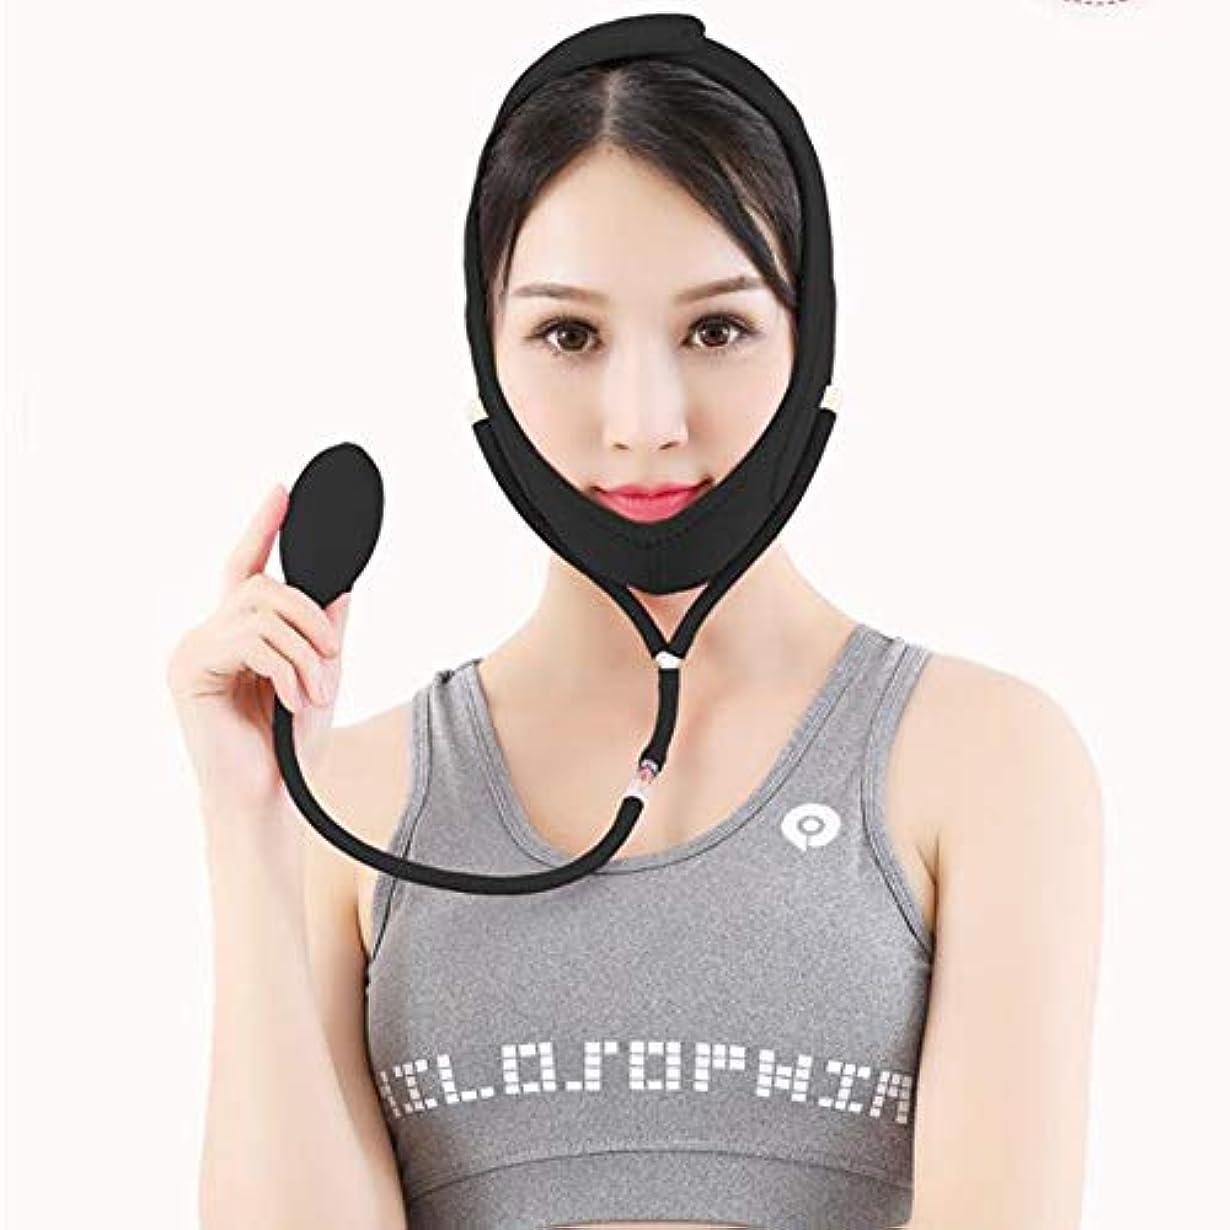 含めるに対して出演者飛強強 フェイシャルリフティング痩身ベルトダブルエアバッグ圧力調整フェイス包帯マスク整形マスクが顔を引き締める スリムフィット美容ツール (Color : Black, Size : M)